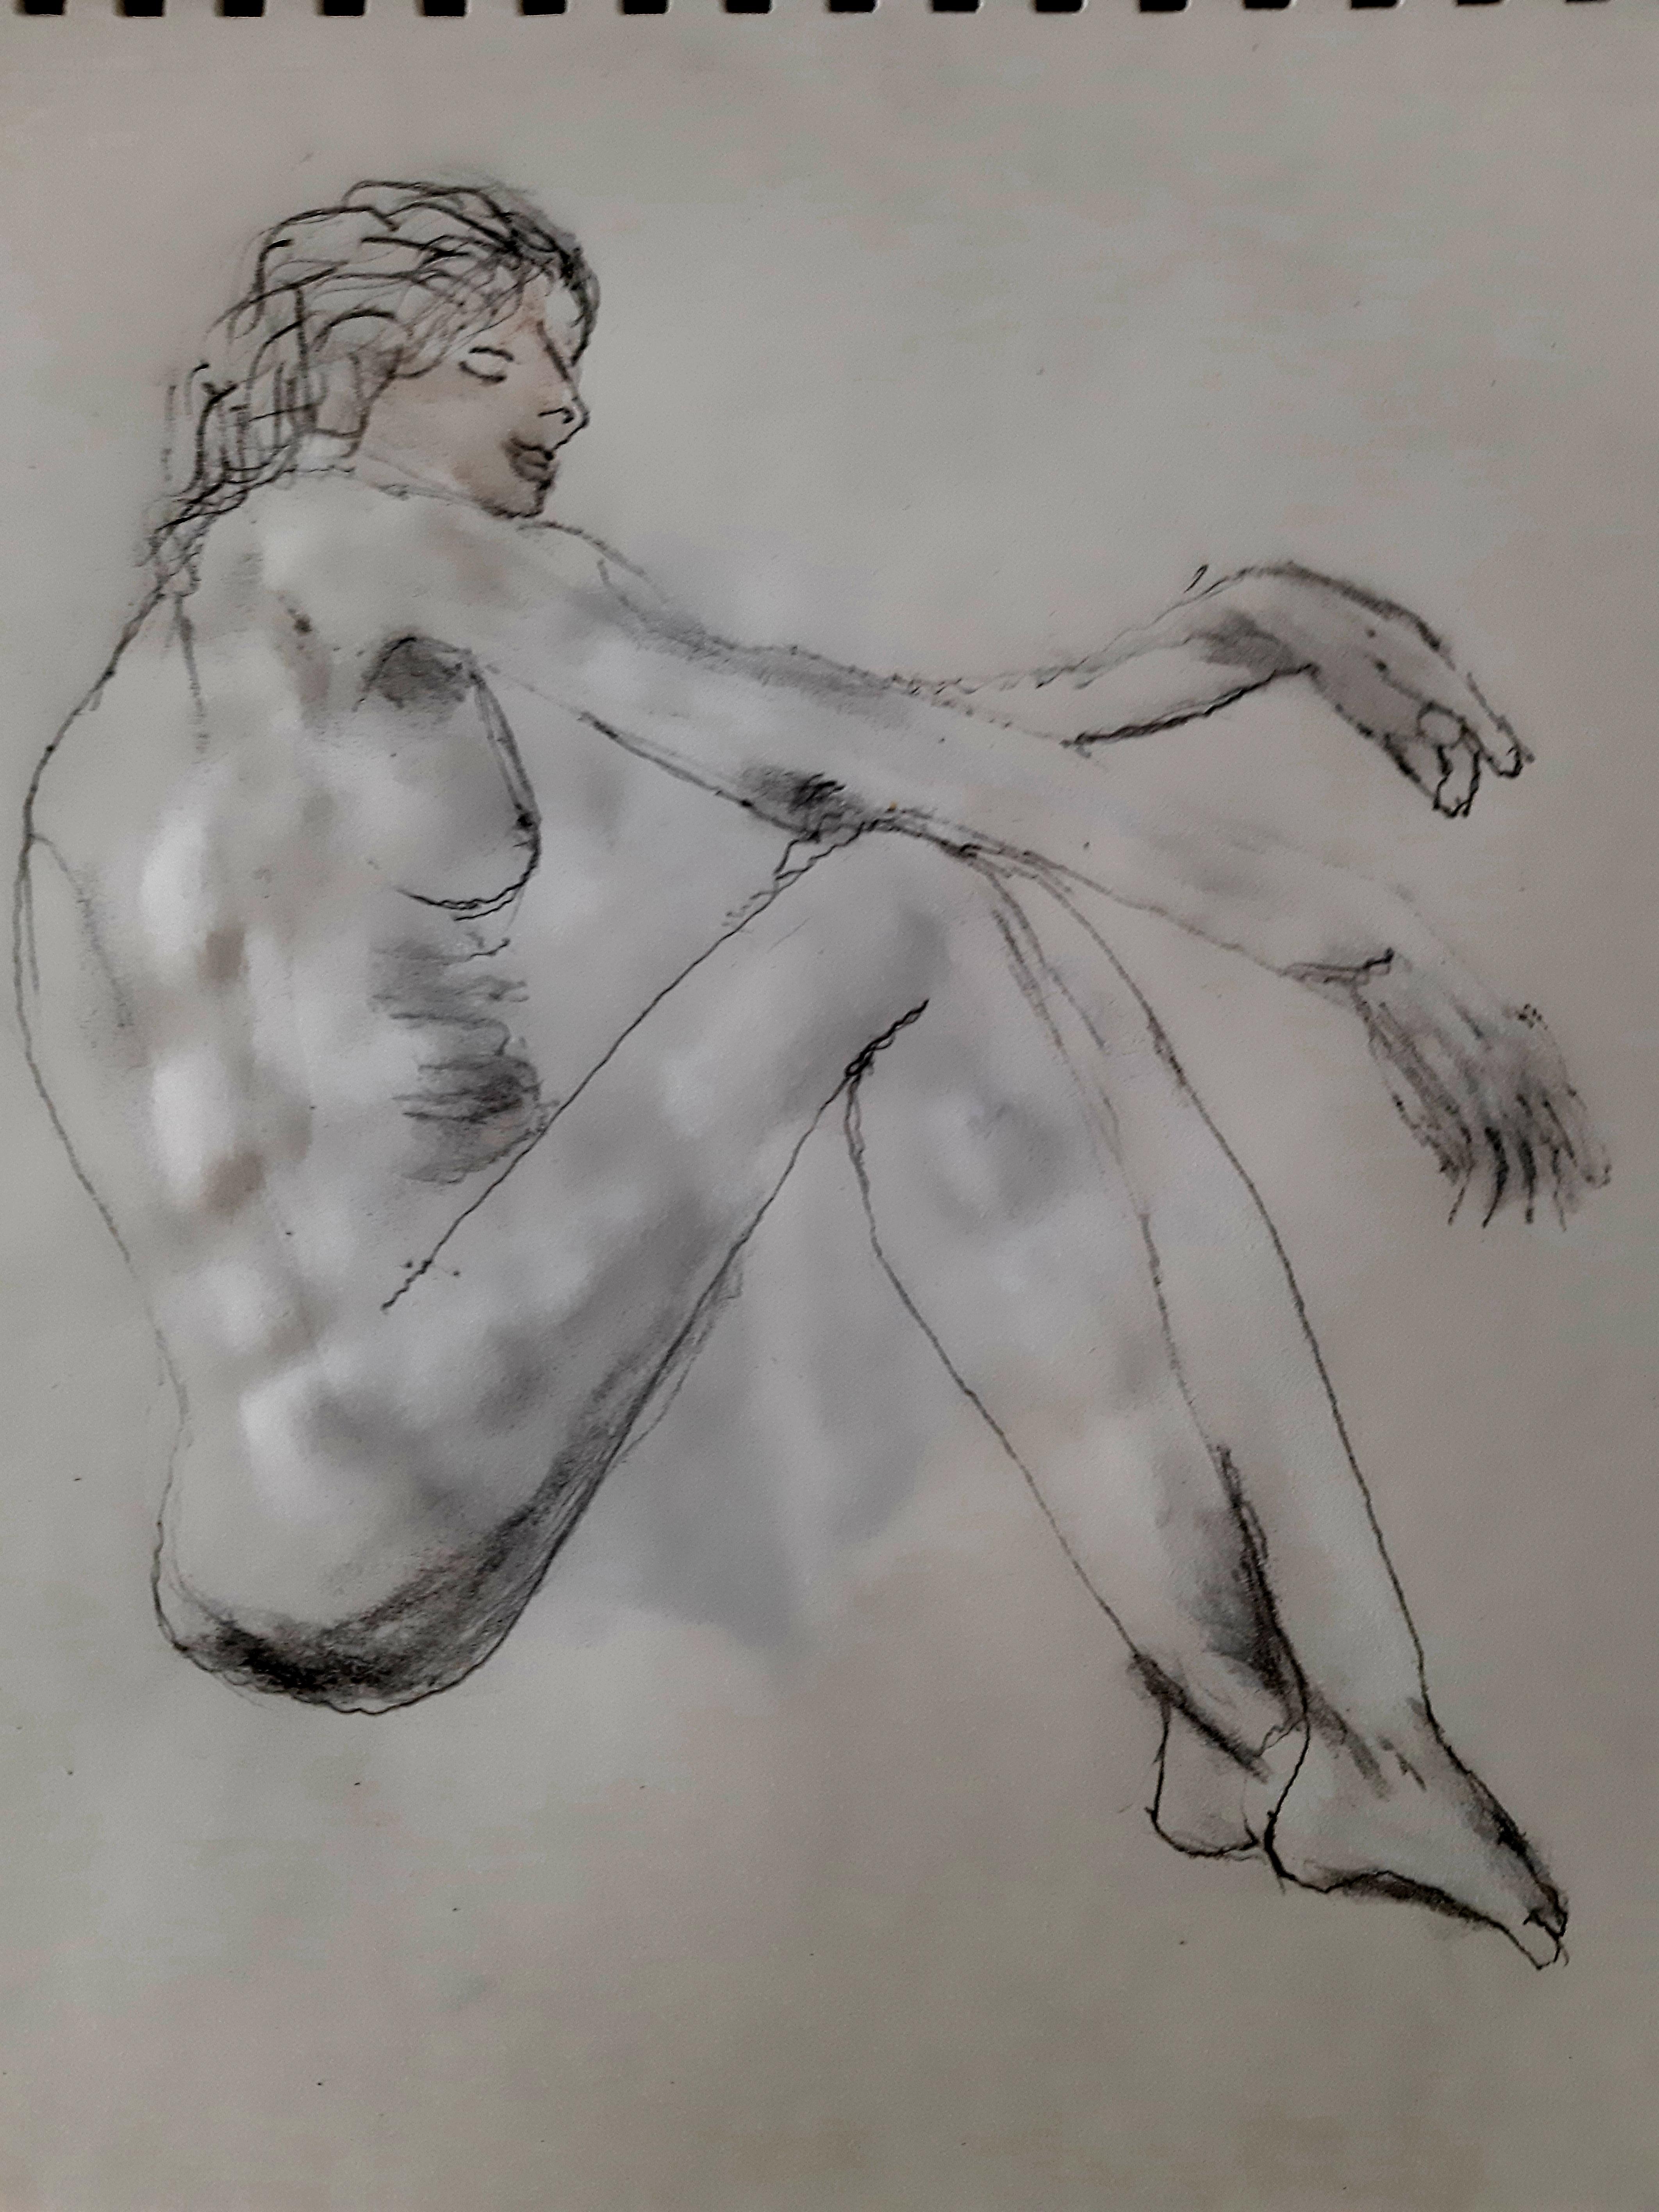 Dessin carbone aquarelle vu de profil  cours de dessin